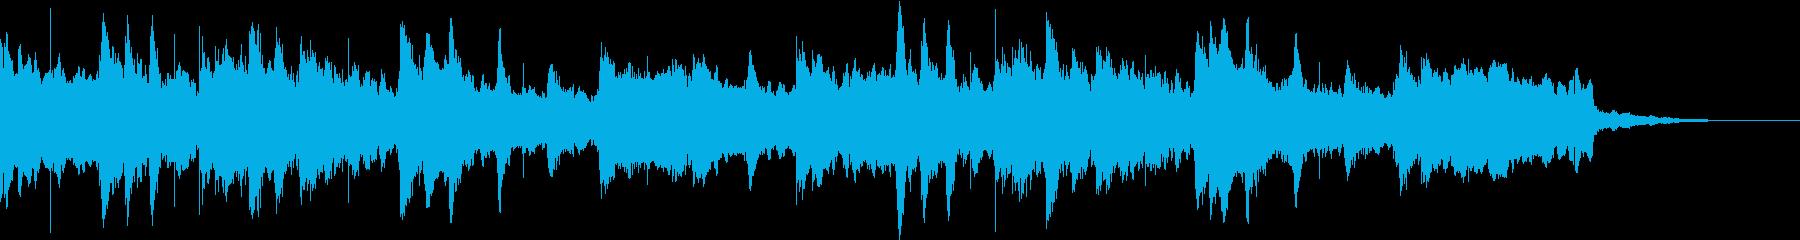 ほのぼの・癒し・可愛いマリンバのジングルの再生済みの波形